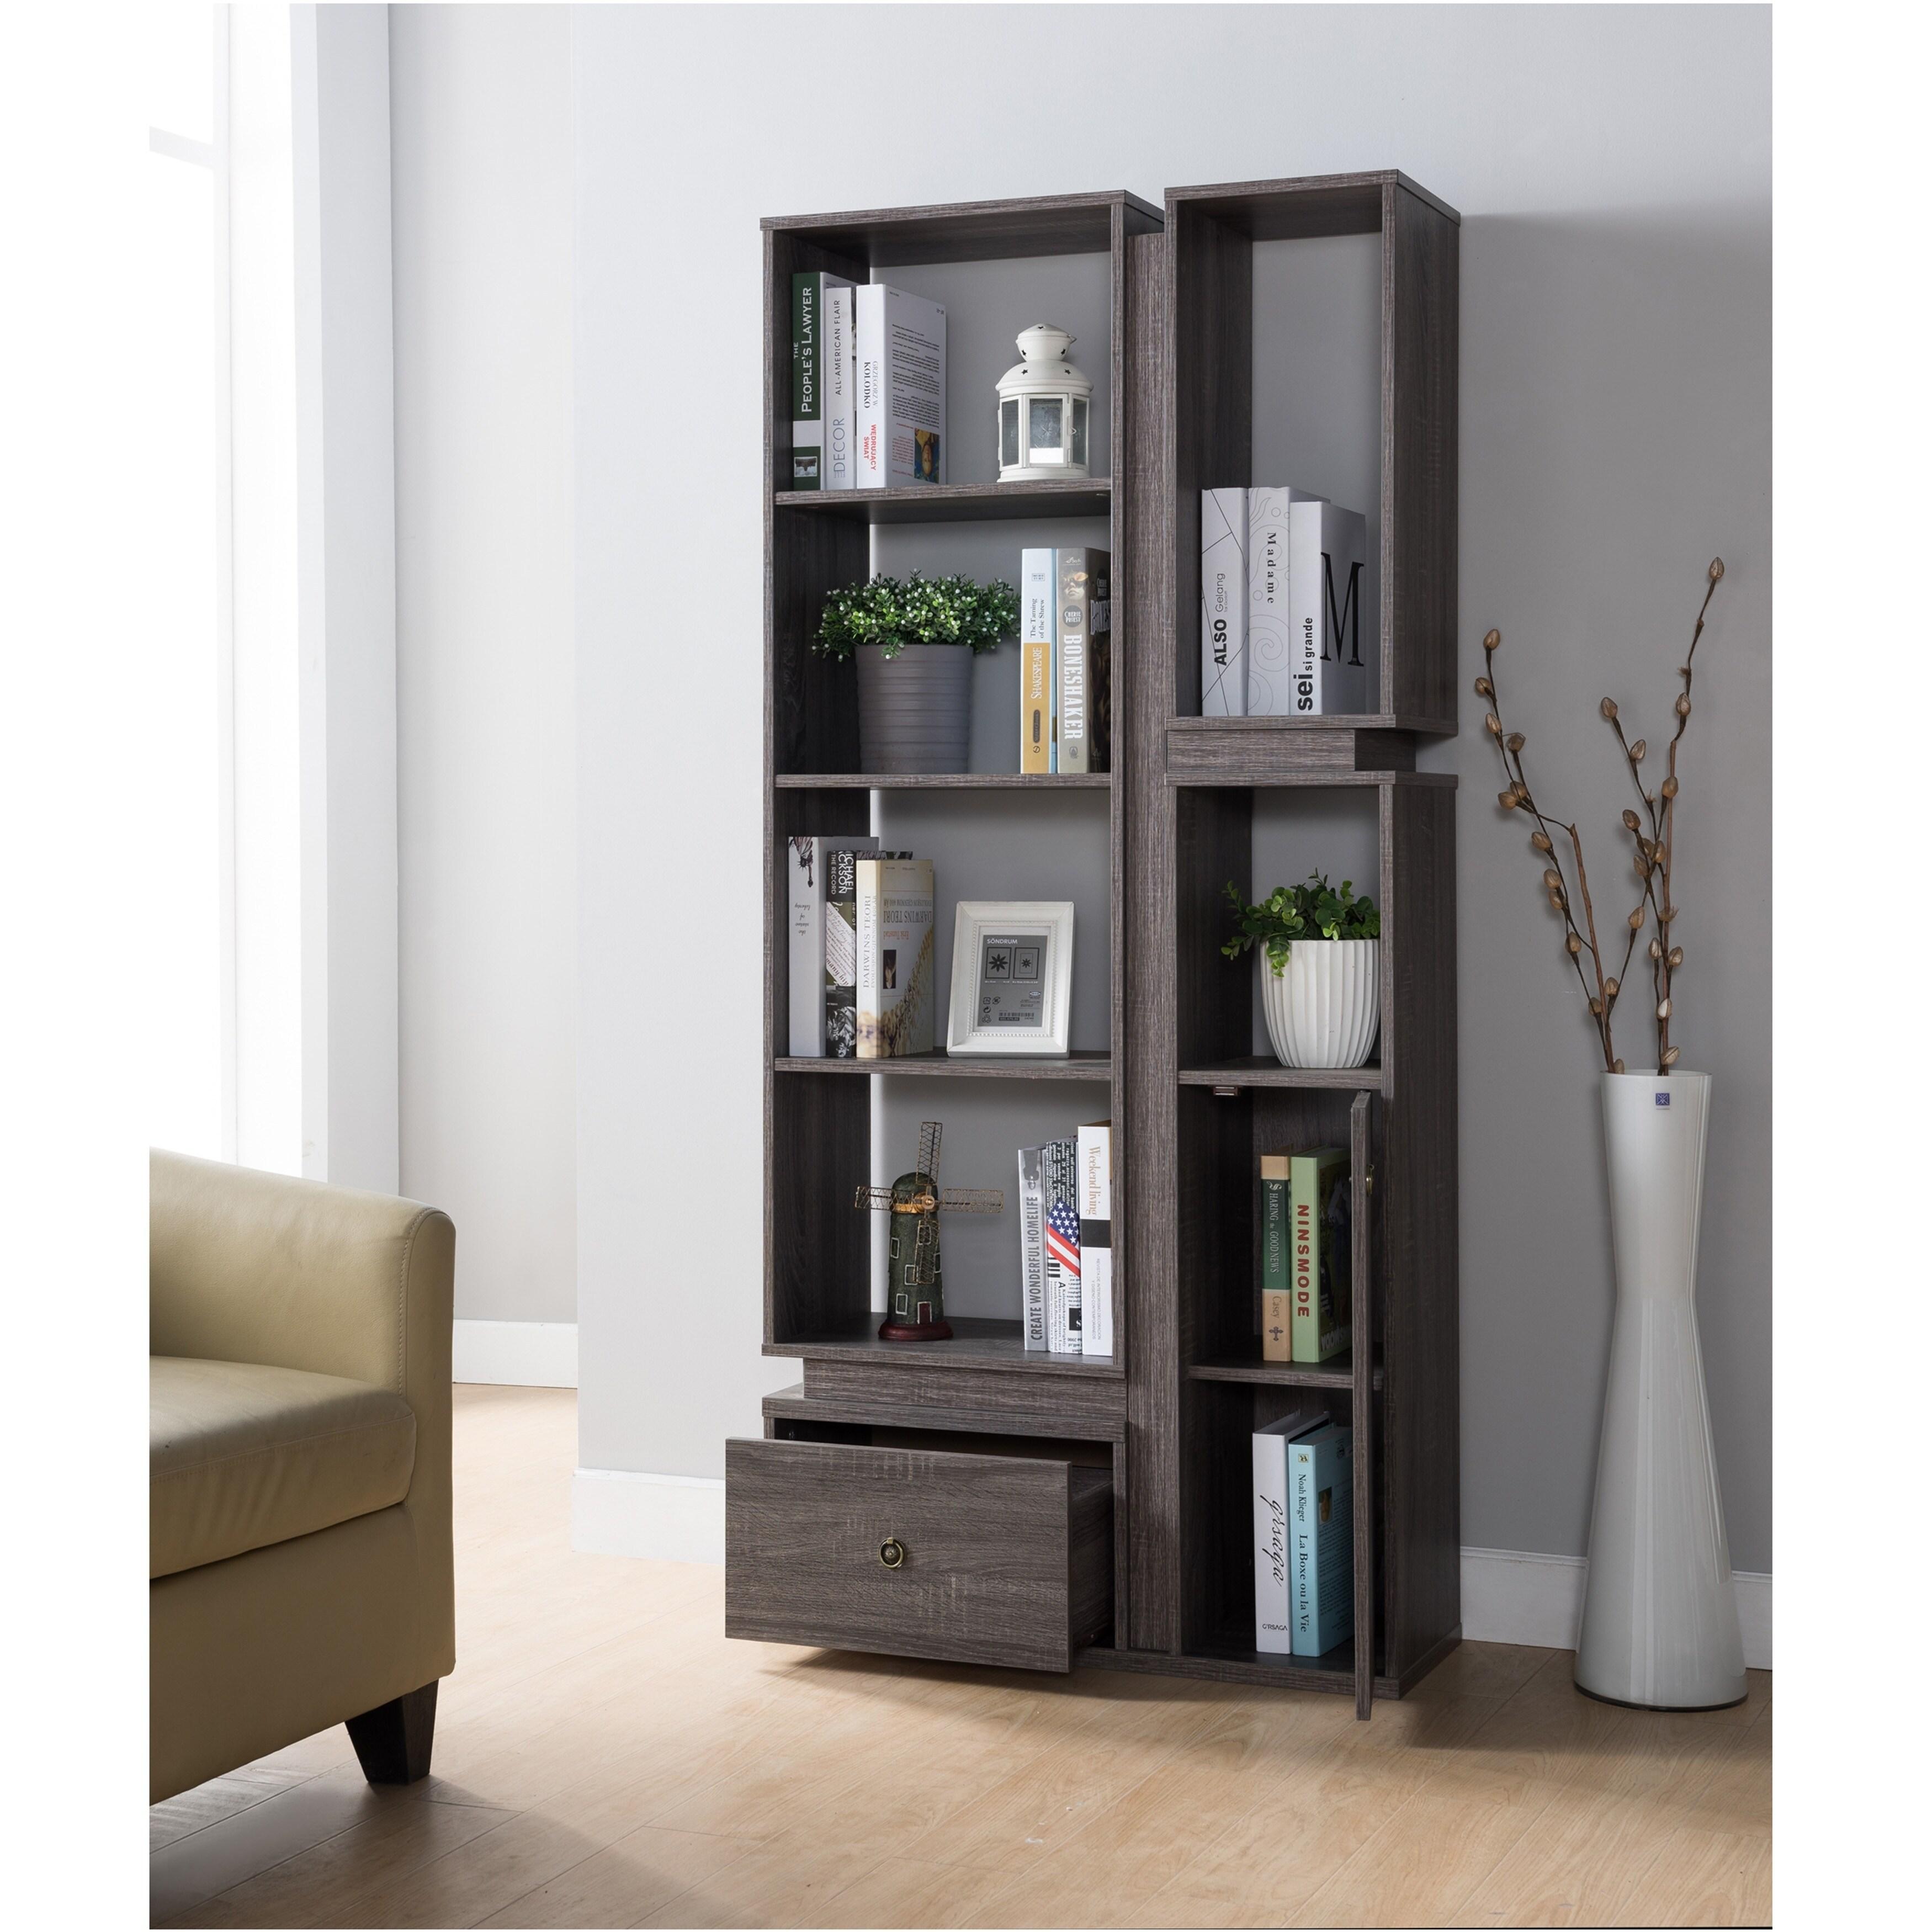 Furniture Of America Vese Contemporary Grey 6 Shelf Bookcase